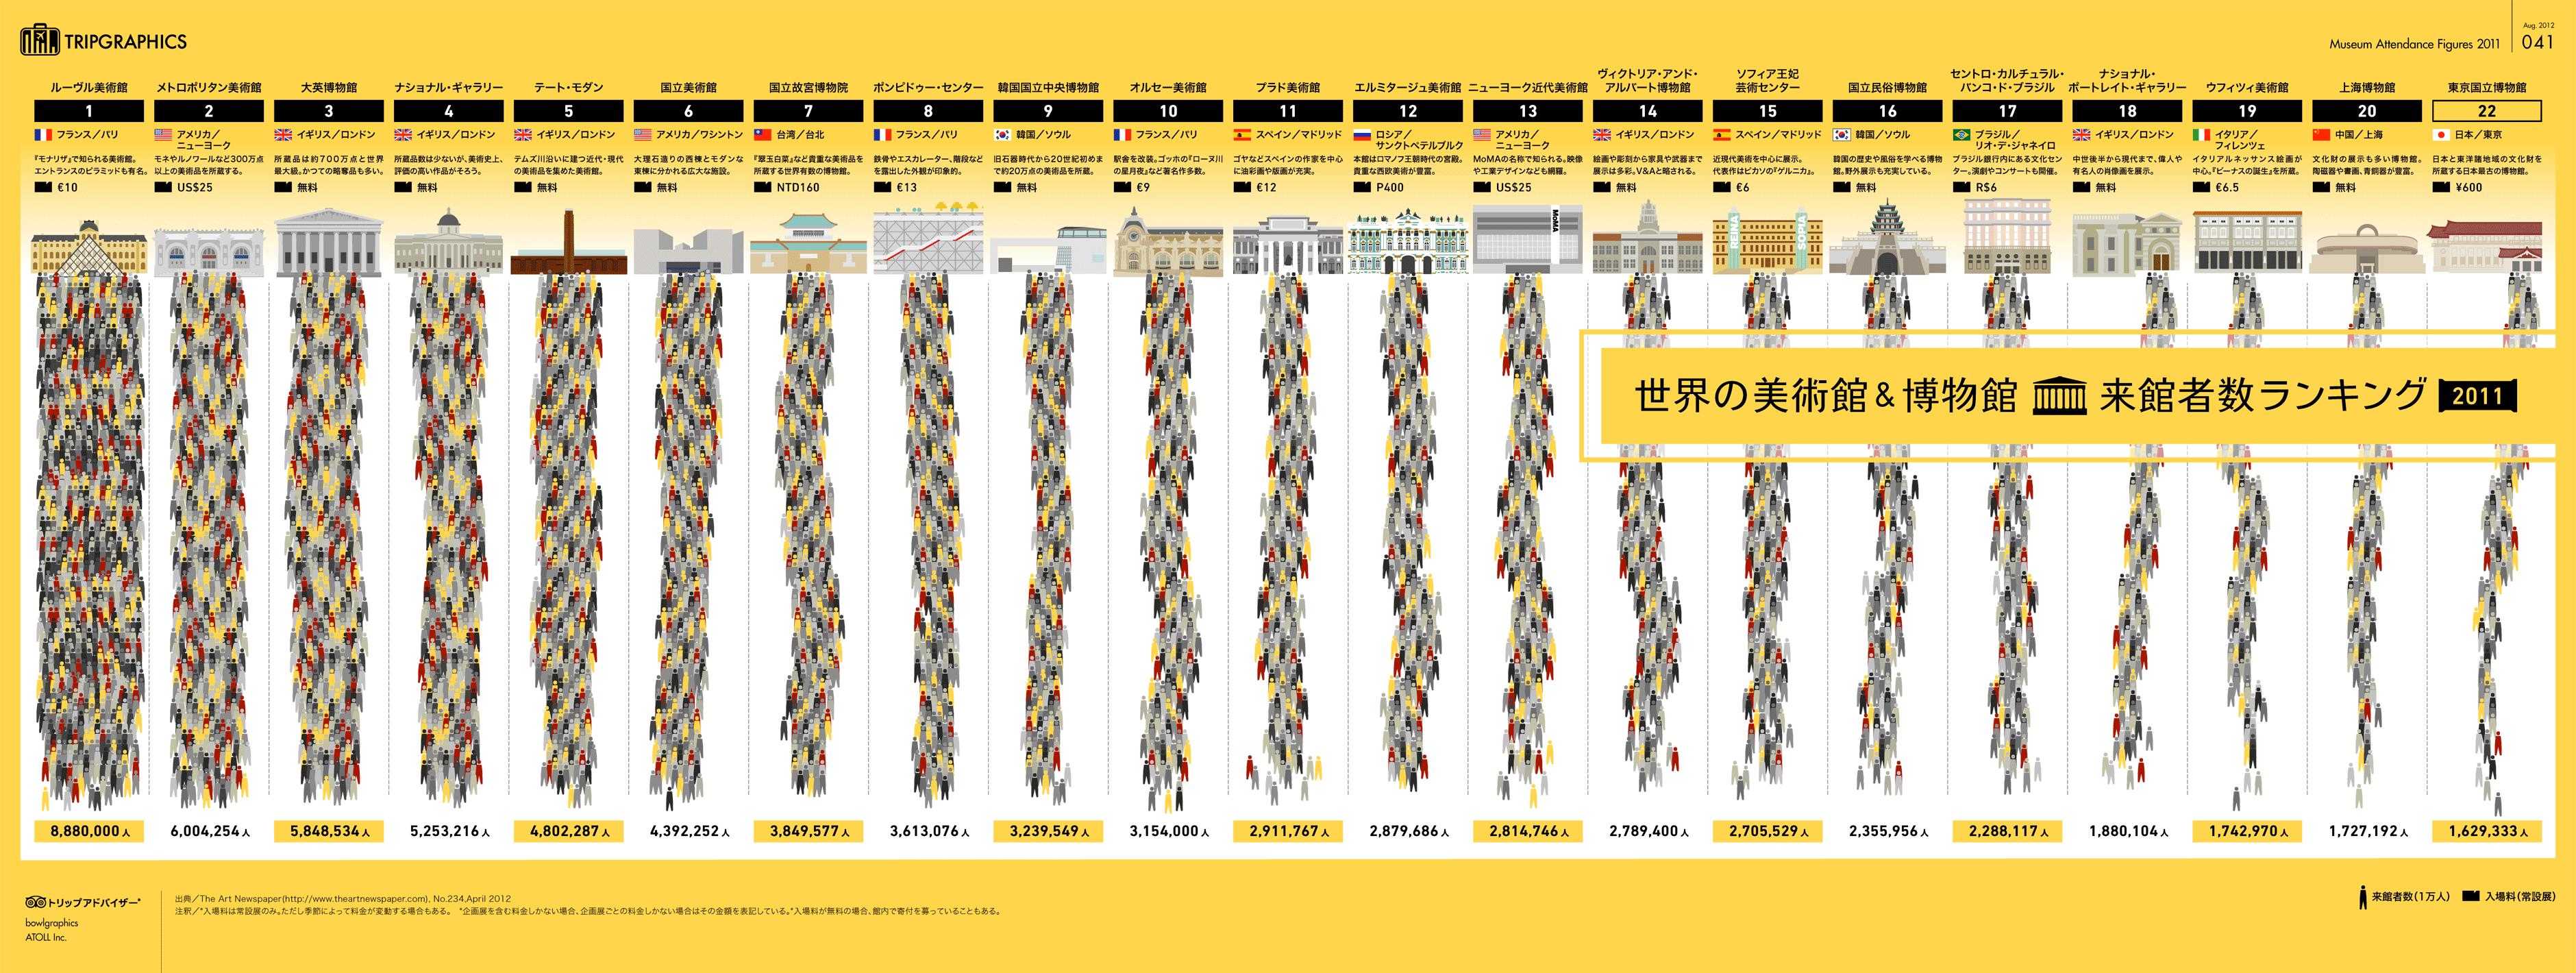 インフォグラフィック:世界の美術館・博物館人気ランキング。国立西洋美術館が世界遺産登録